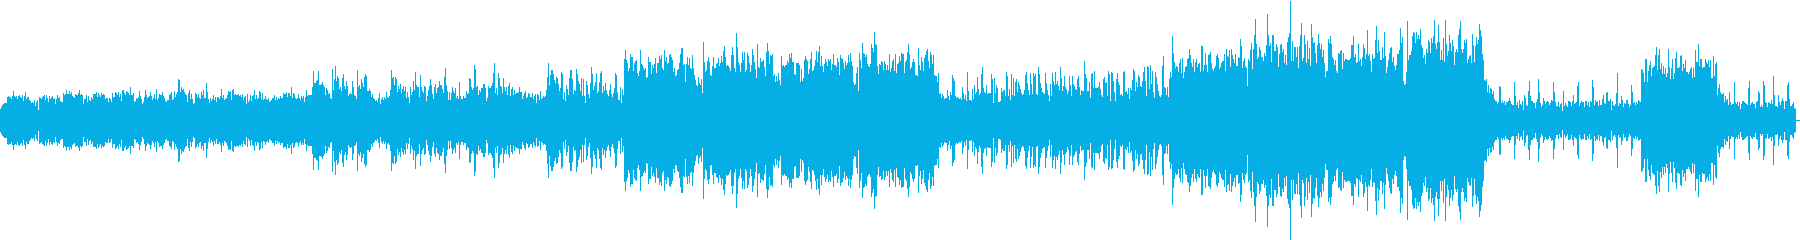 映画トロン風シンセ緊張感ダークなBGMの再生済みの波形